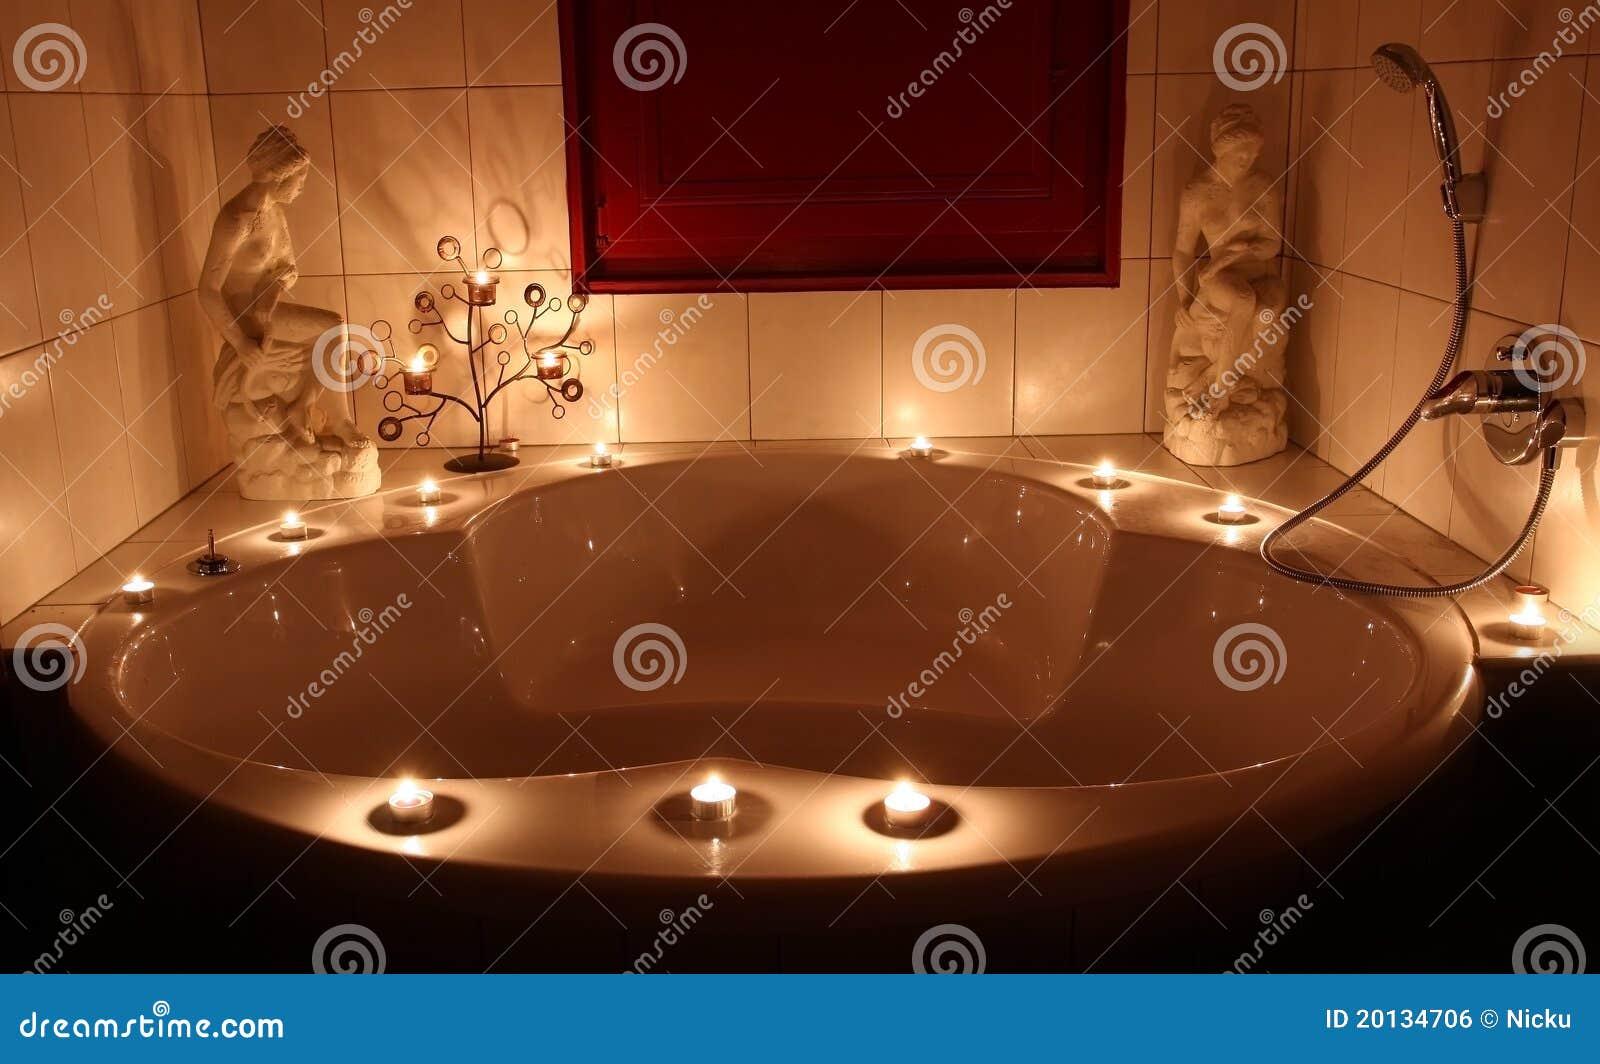 Vasca Da Bagno Romantica : Vasca da bagno romantica fotografia stock immagine di acquazzone